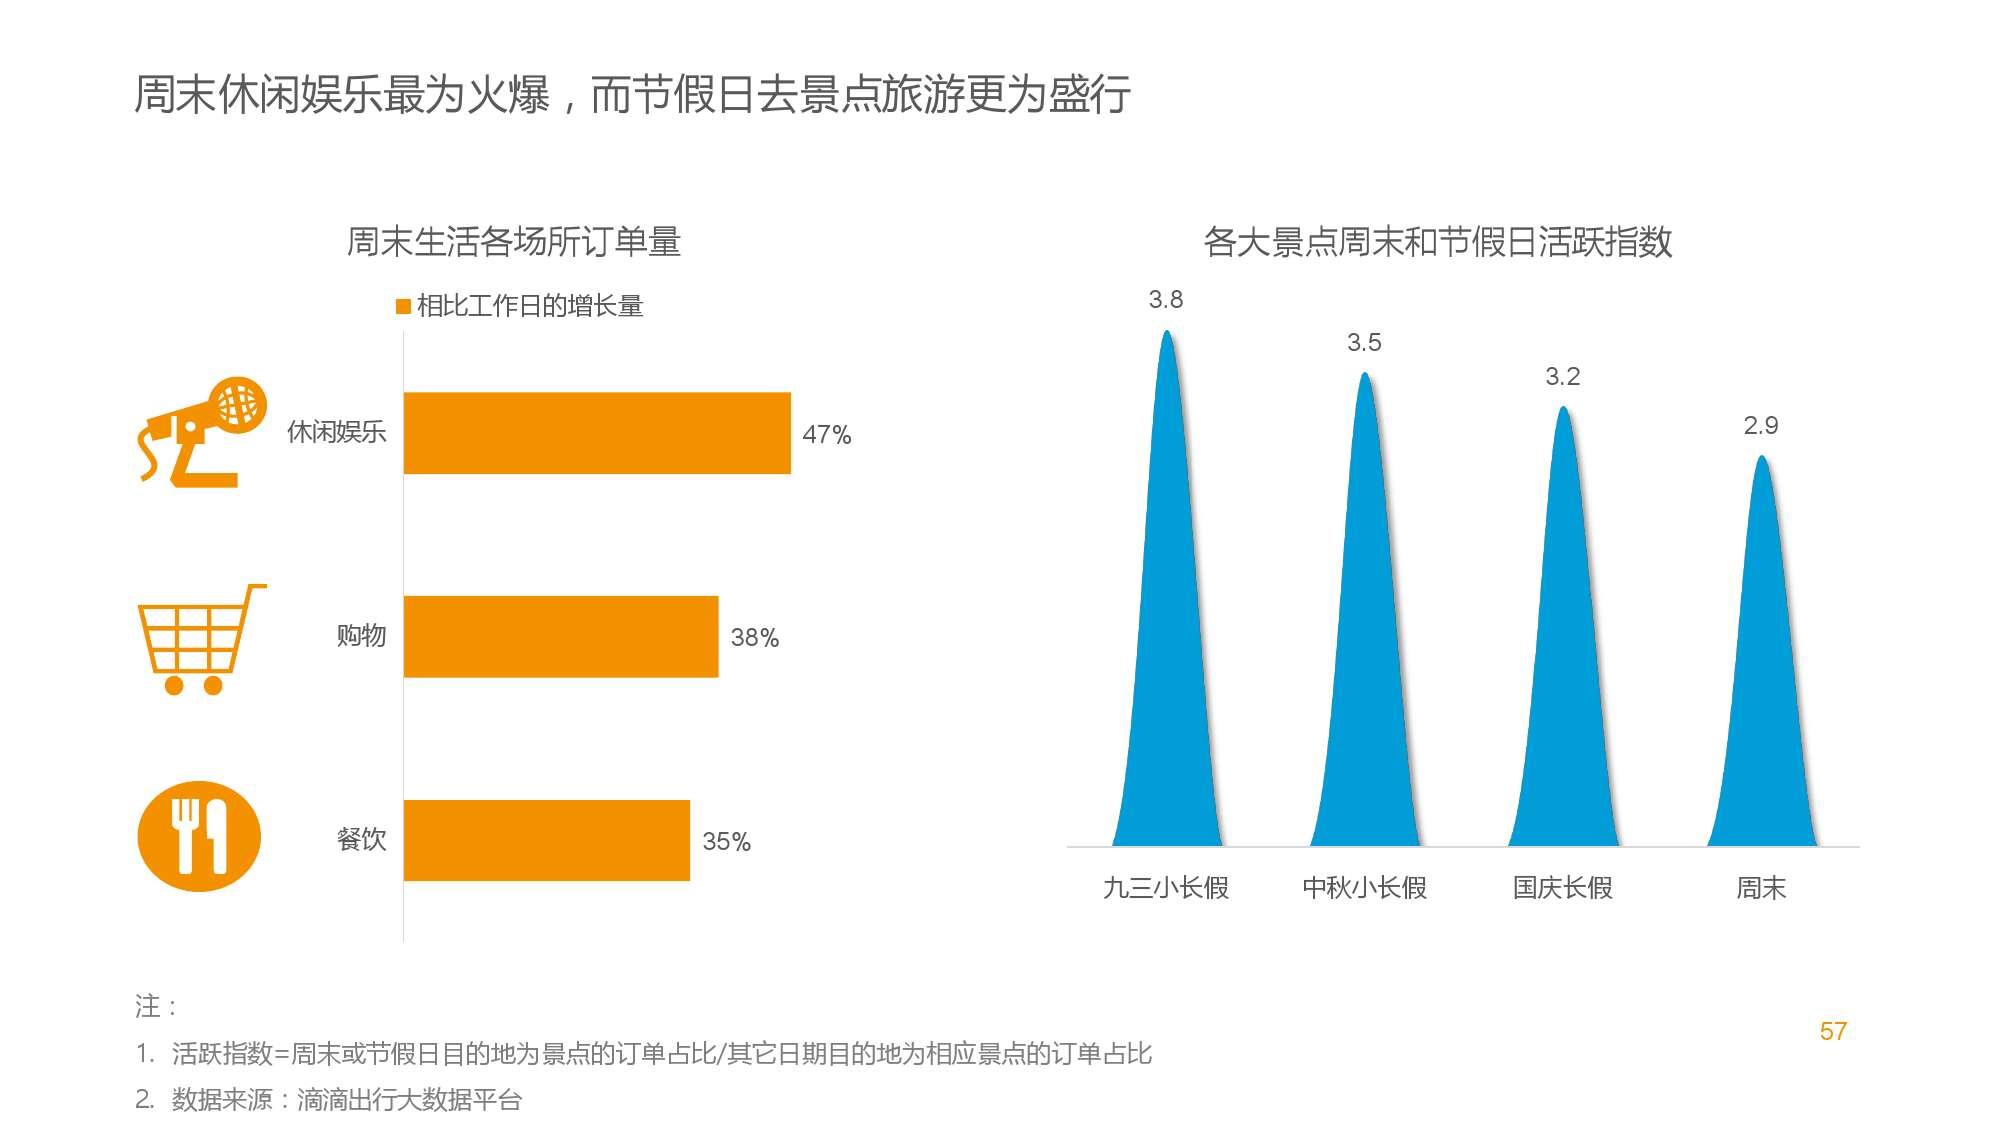 中国智能出行2015大数据报告_000057